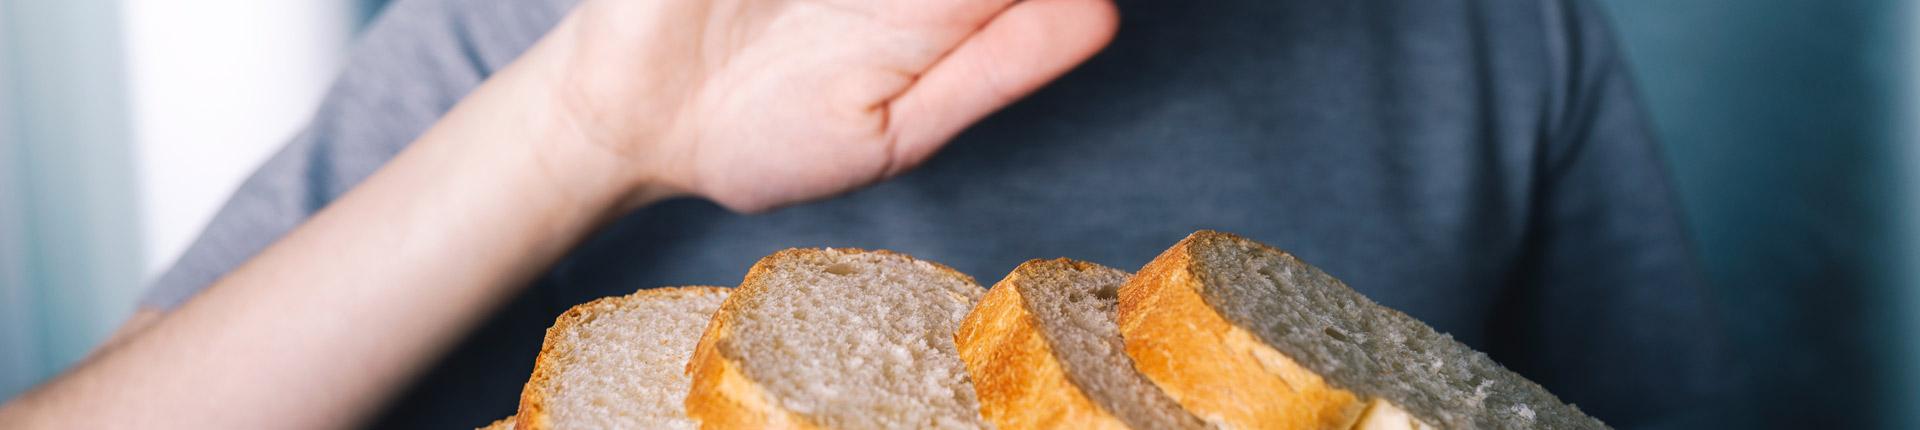 Czy nietolerancja glutenu i alergia na pszenicę to to samo?